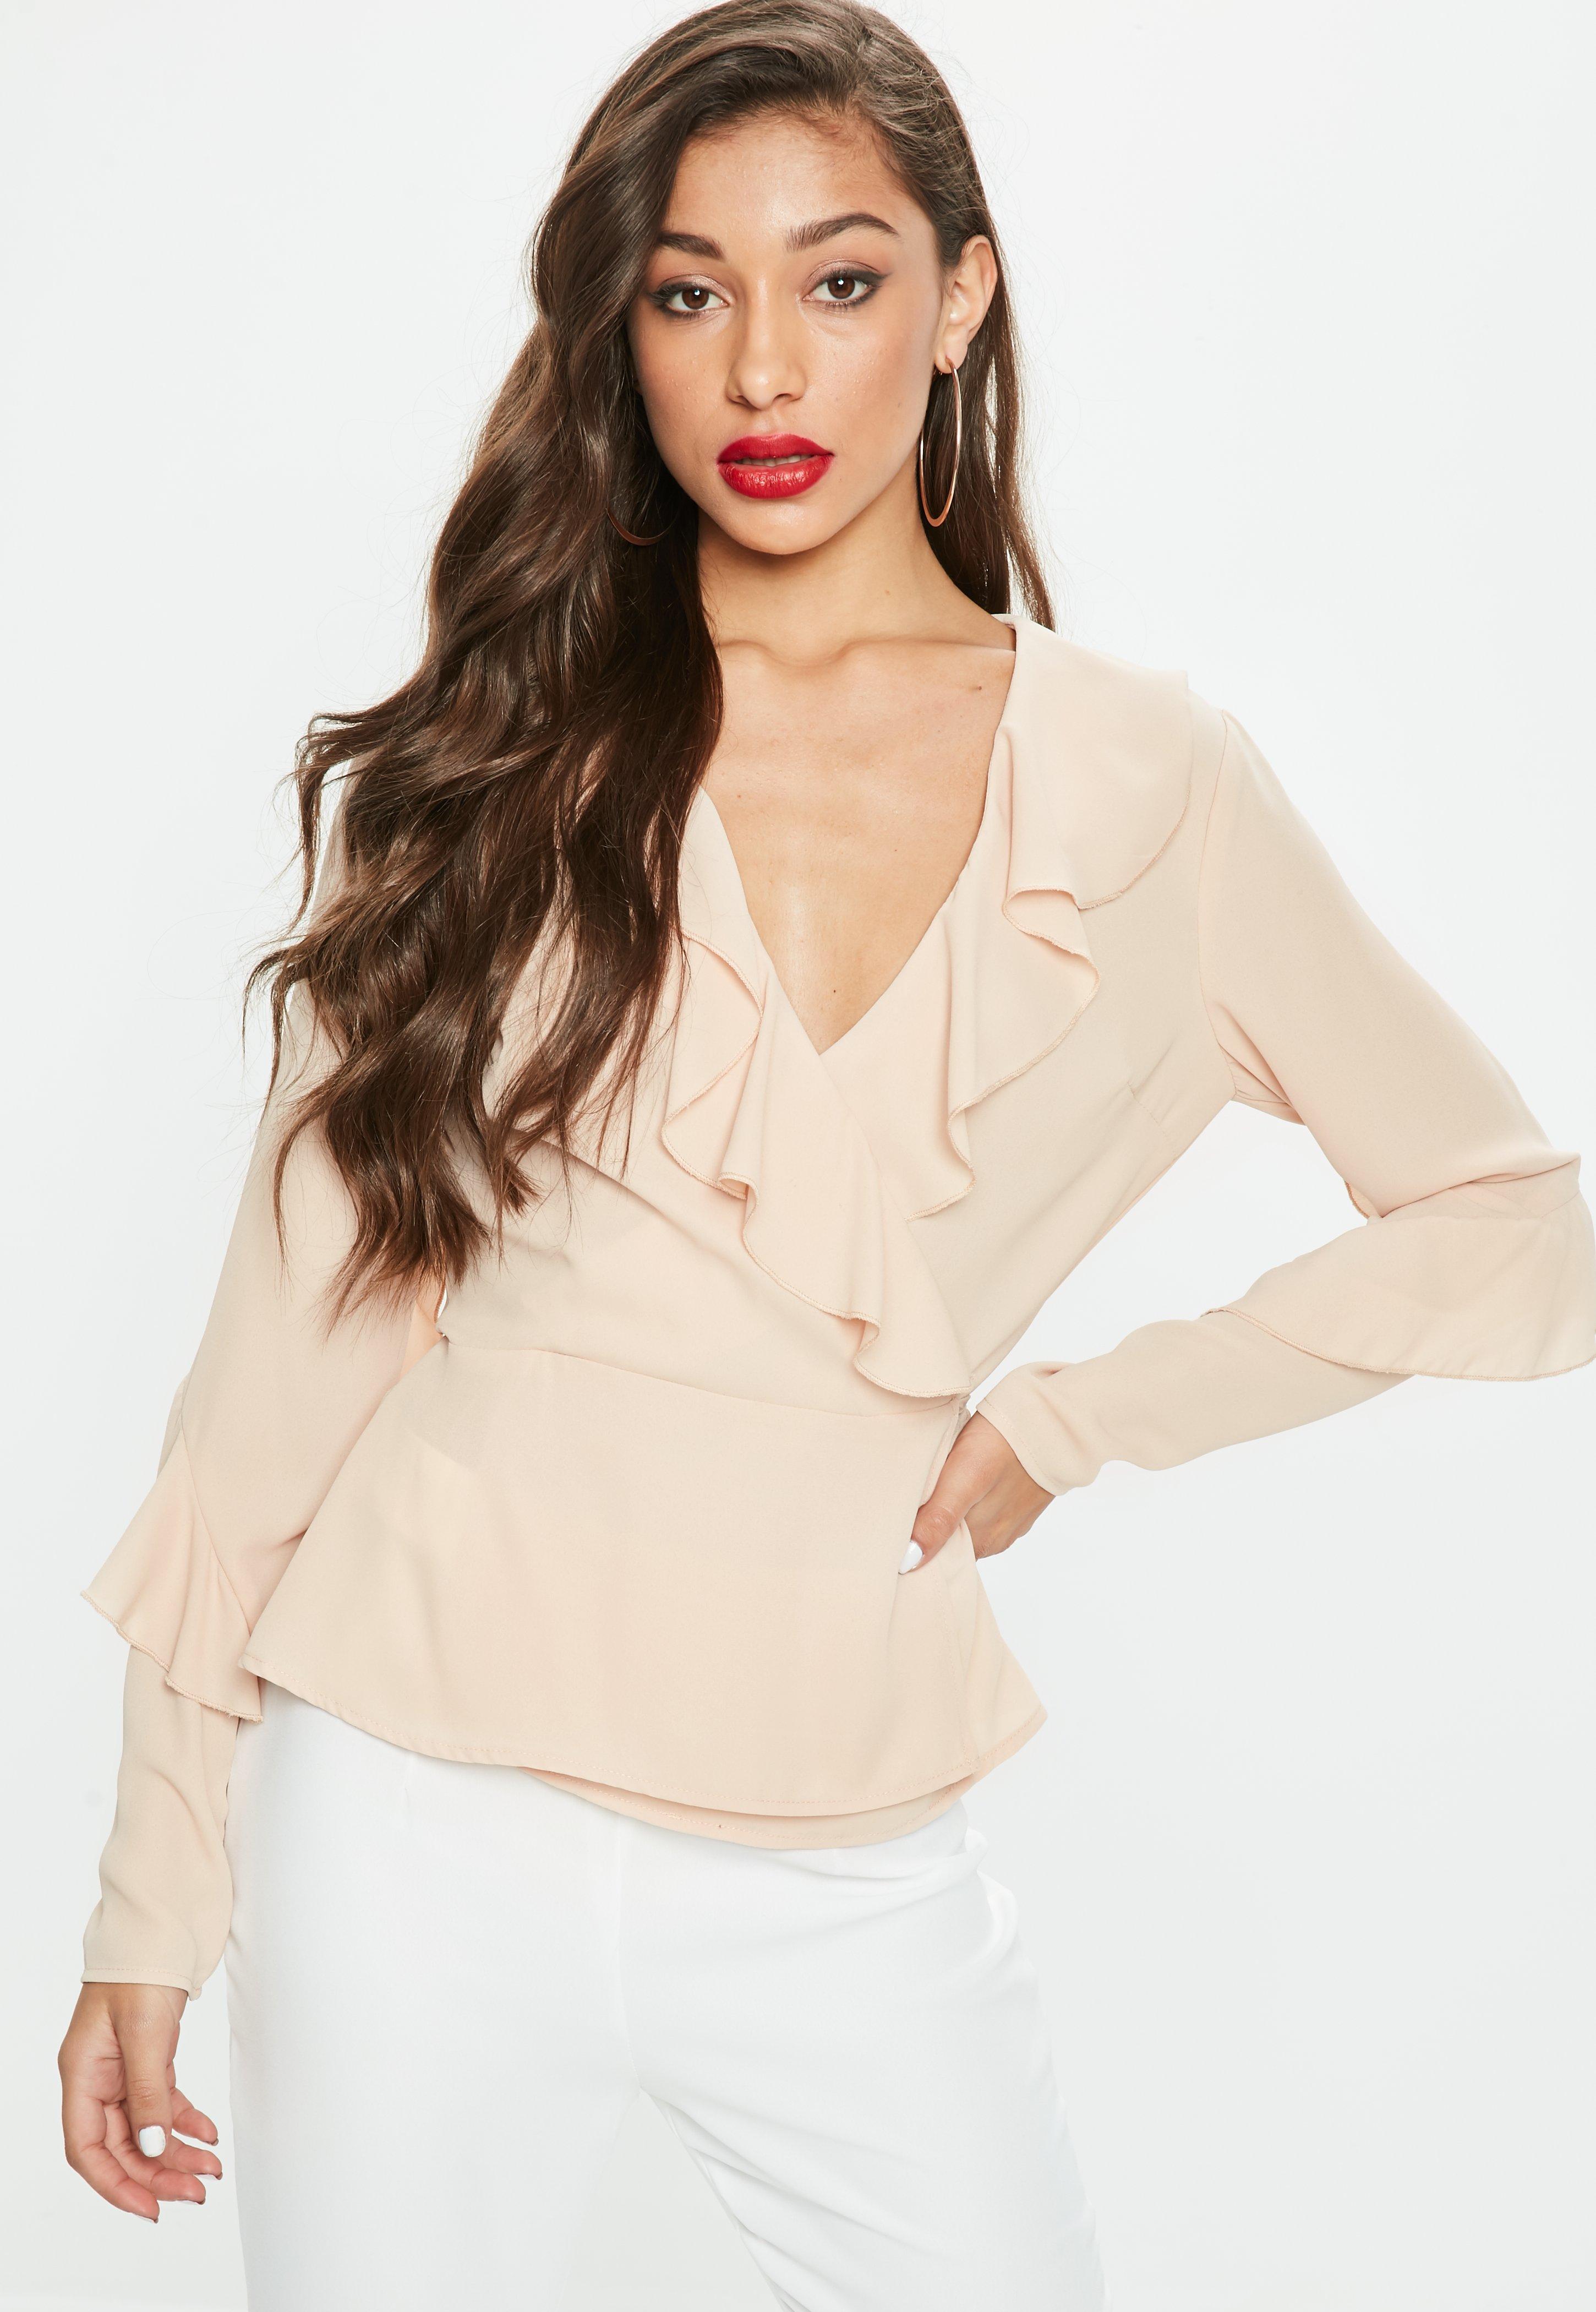 women u0027s blouses floral chiffon u0026 wrap blouses missguided